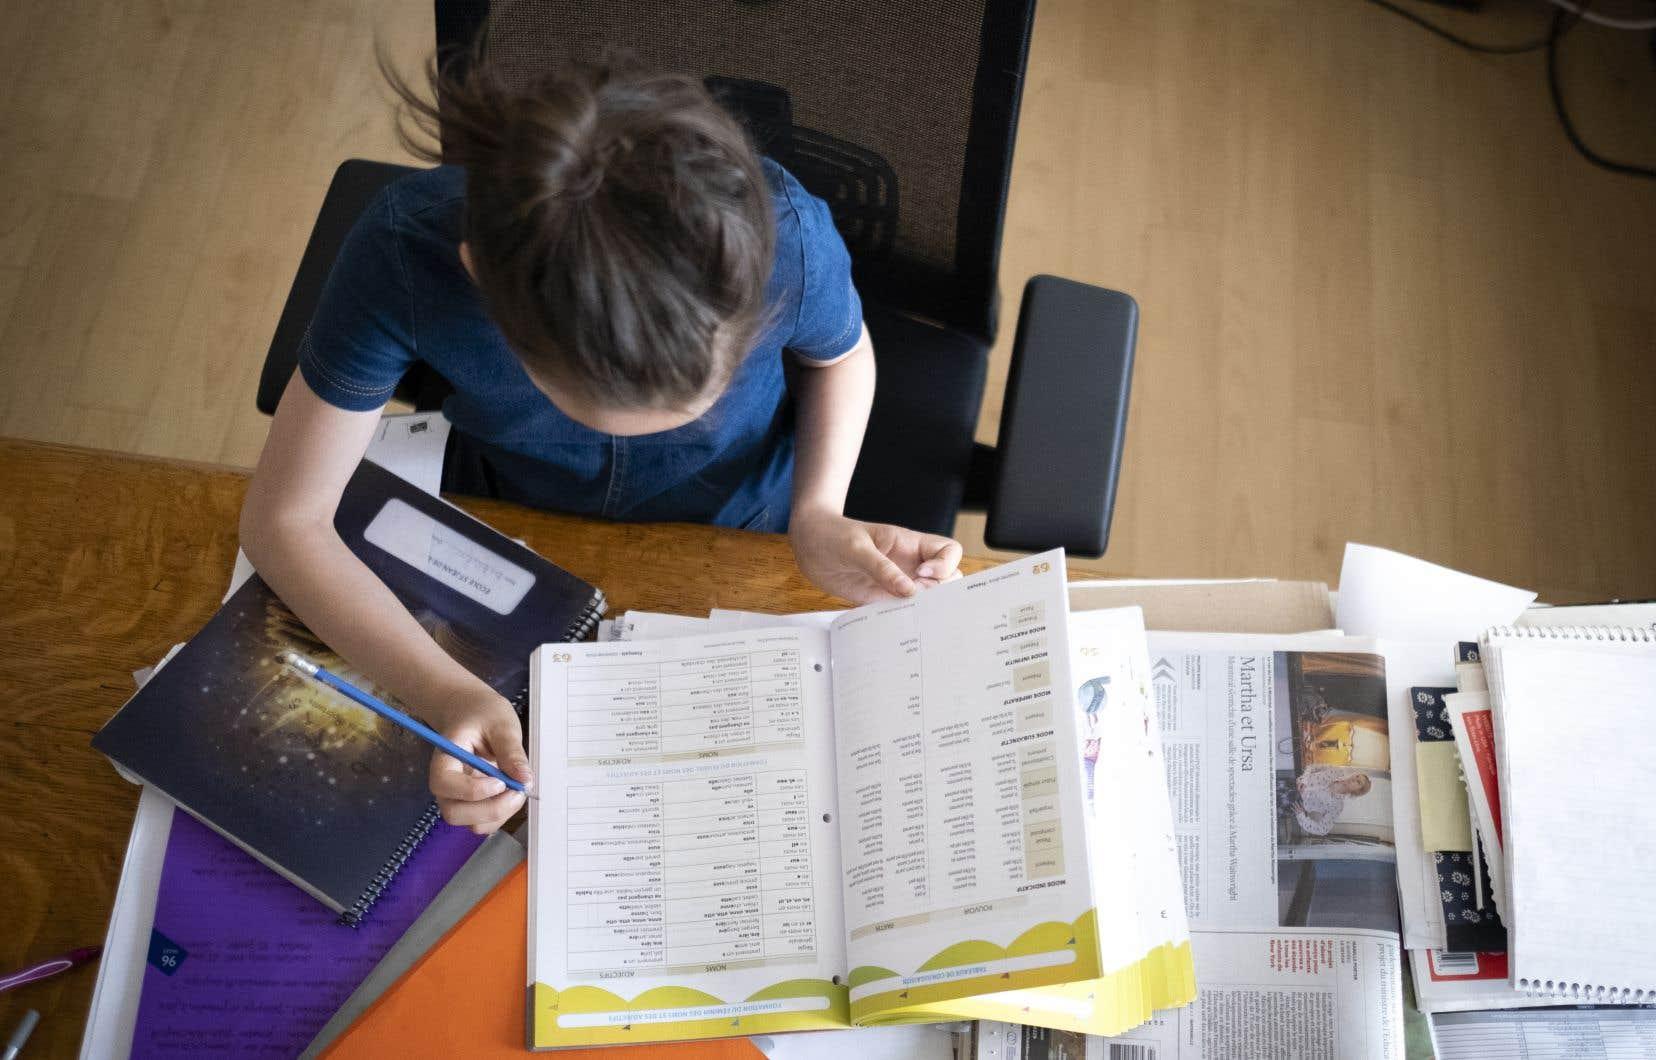 Le retard dans l'apprentissage provoqué par la fermeture des écoles au printemps n'est pas encore rattrapé pour bien des élèves, notent autant les enseignants que les directions d'école.